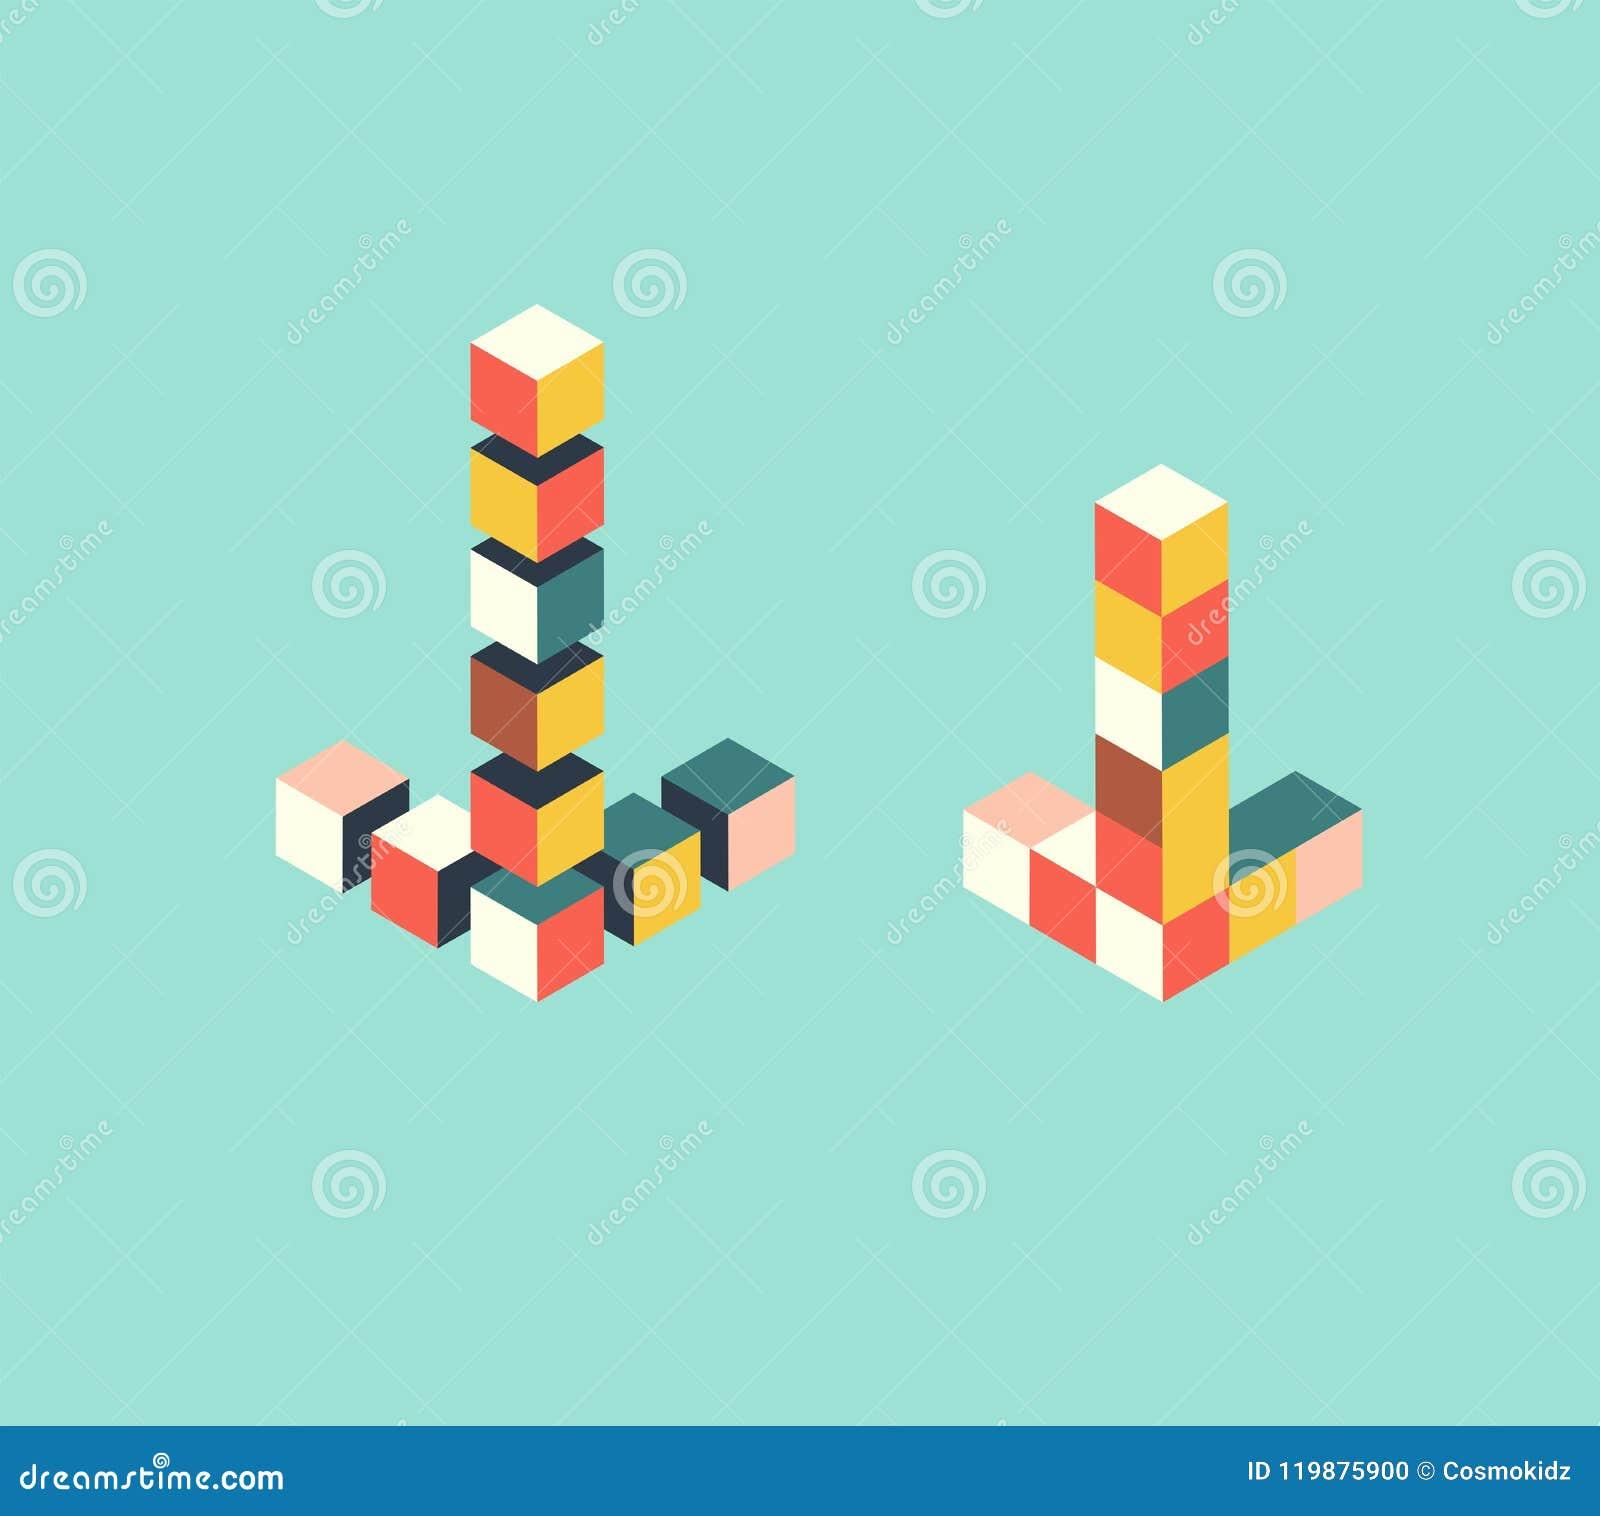 Los indicadores de flecha isométricos, rompecabezas del juguete, marca de cursor cubican la forma, ejemplo del vector